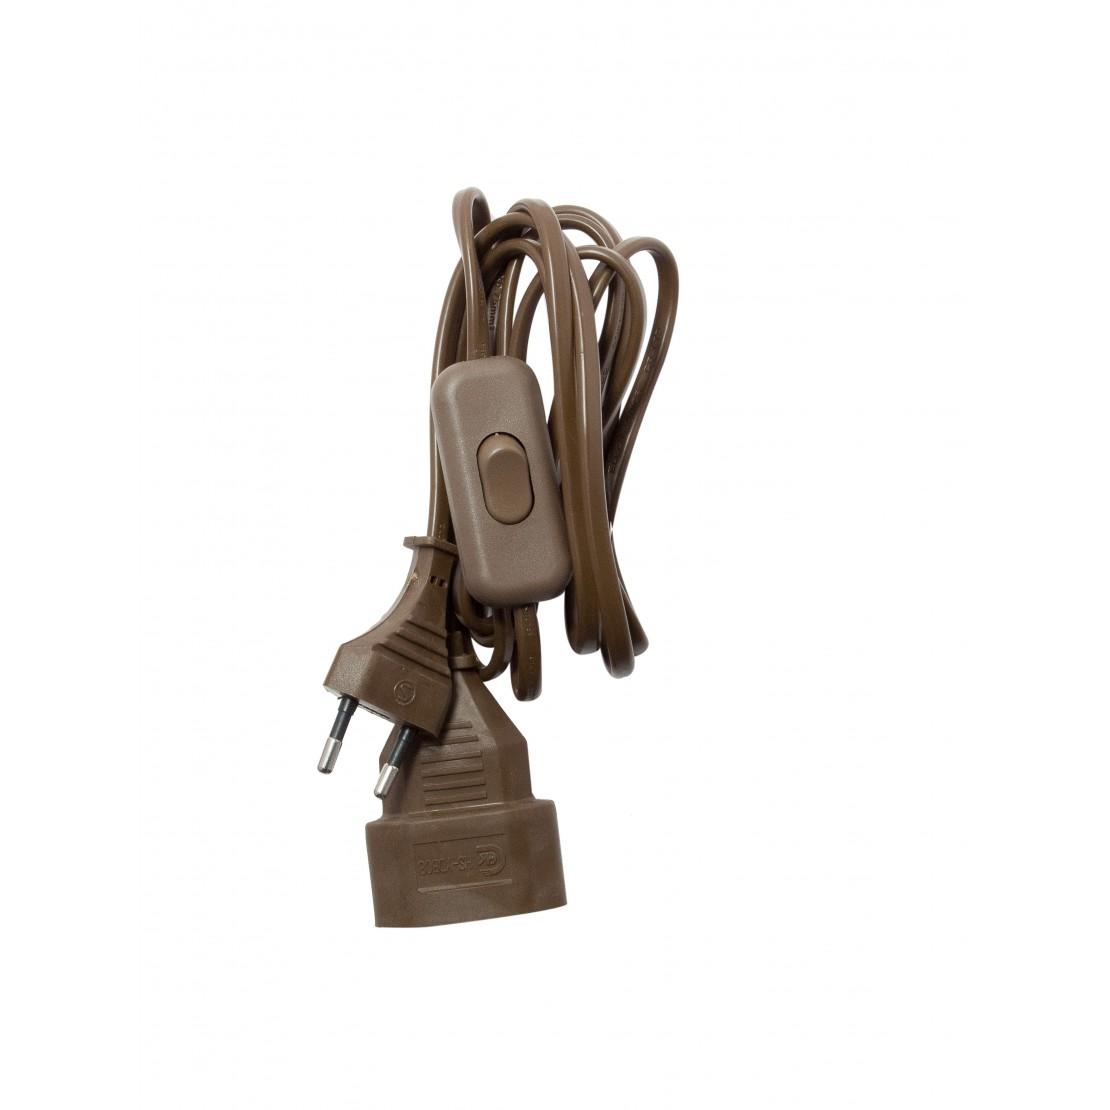 Prolongador H03VVH2F 2,5A - 2m- 2x0,75mm2 - Interr - Marron(SCH)